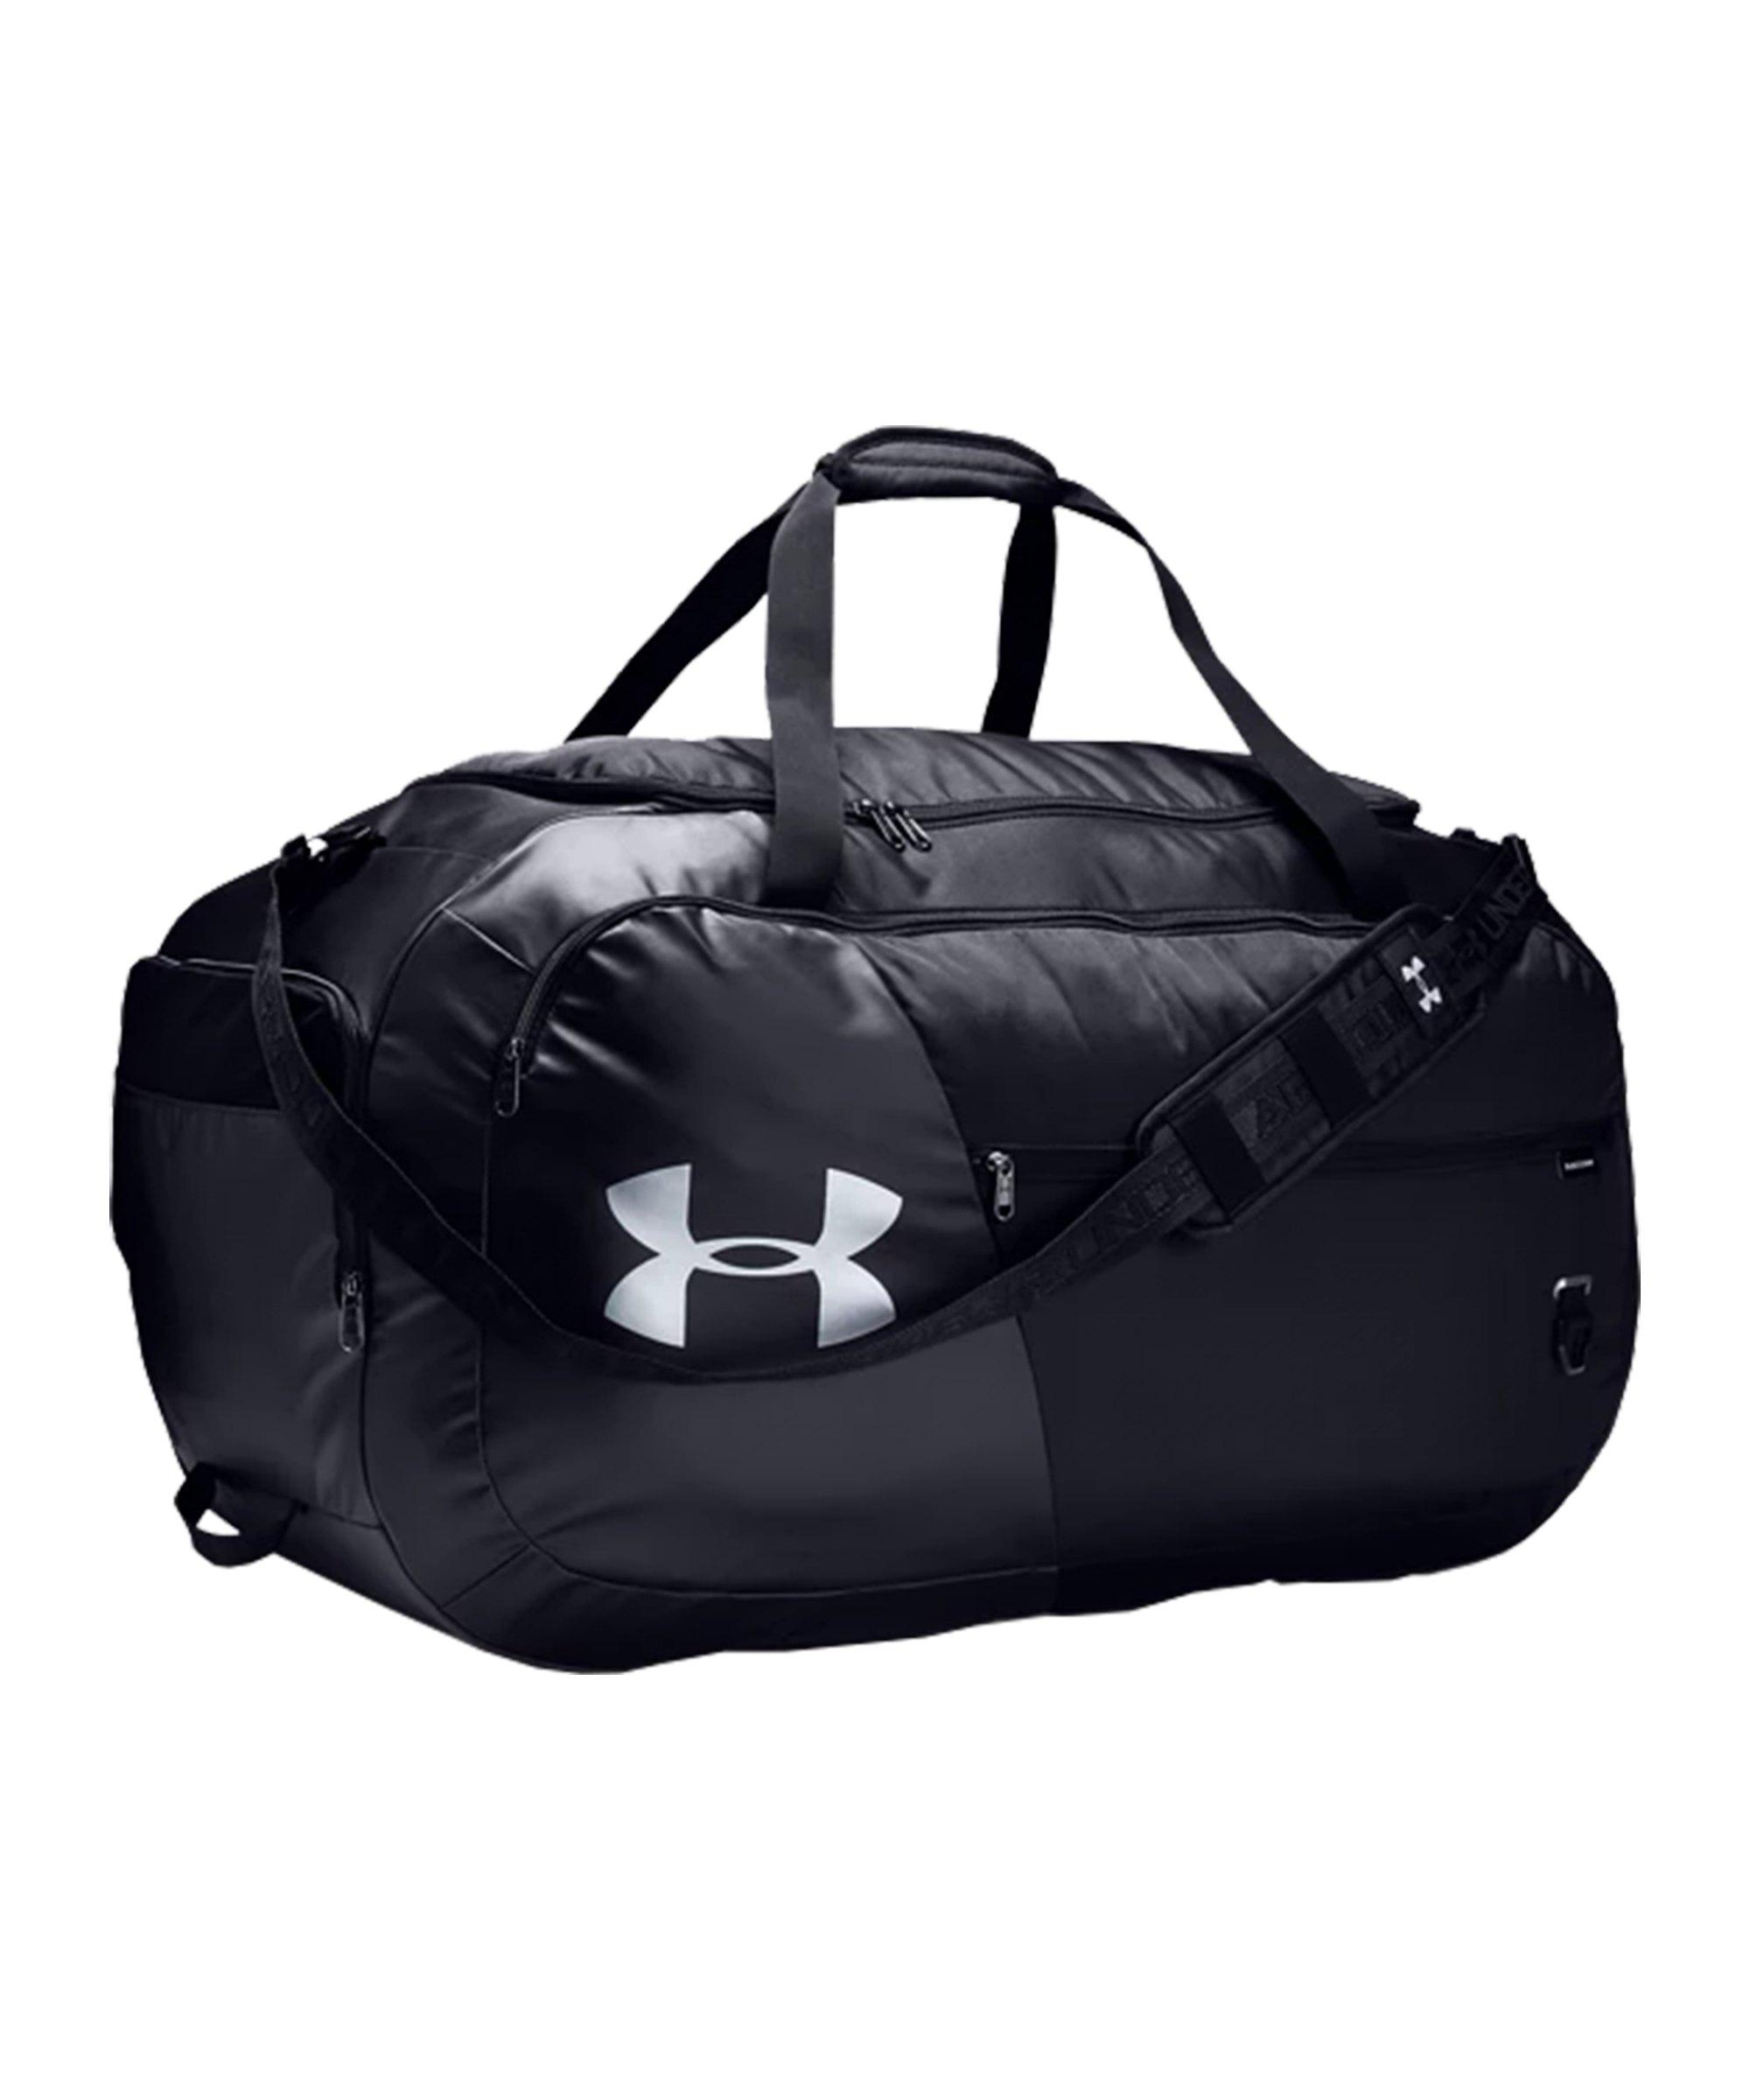 Under Armour Undeniable Duffle 3.0 Tasche XL F001 - schwarz